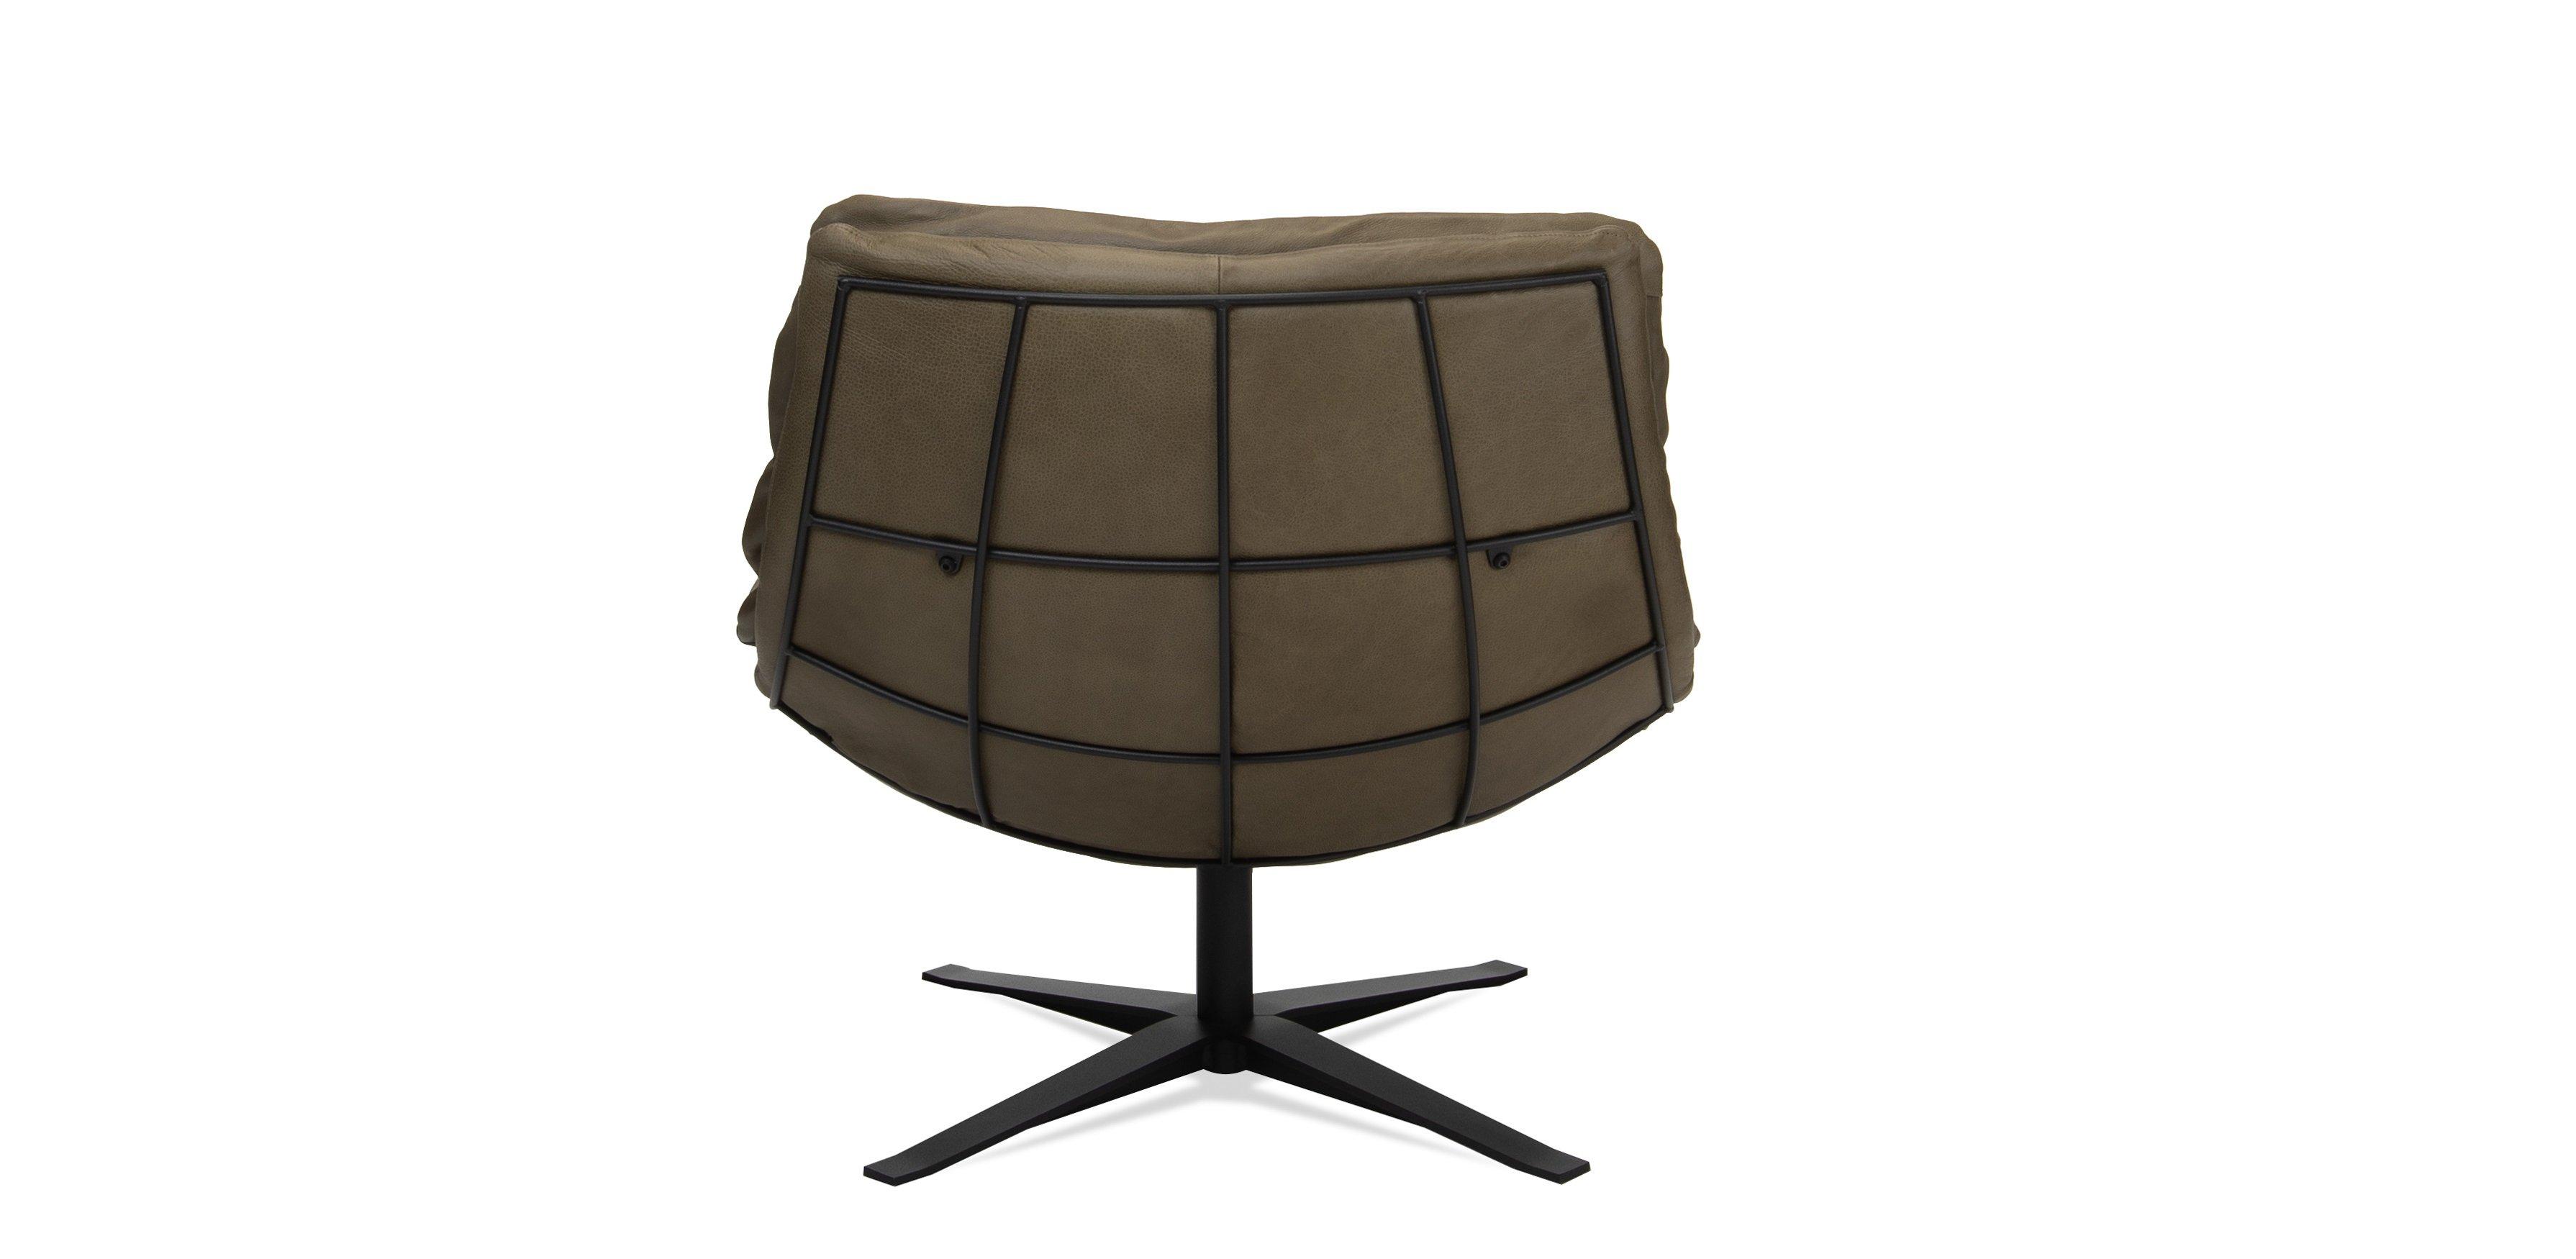 Kameraad fauteuil DYYK 6